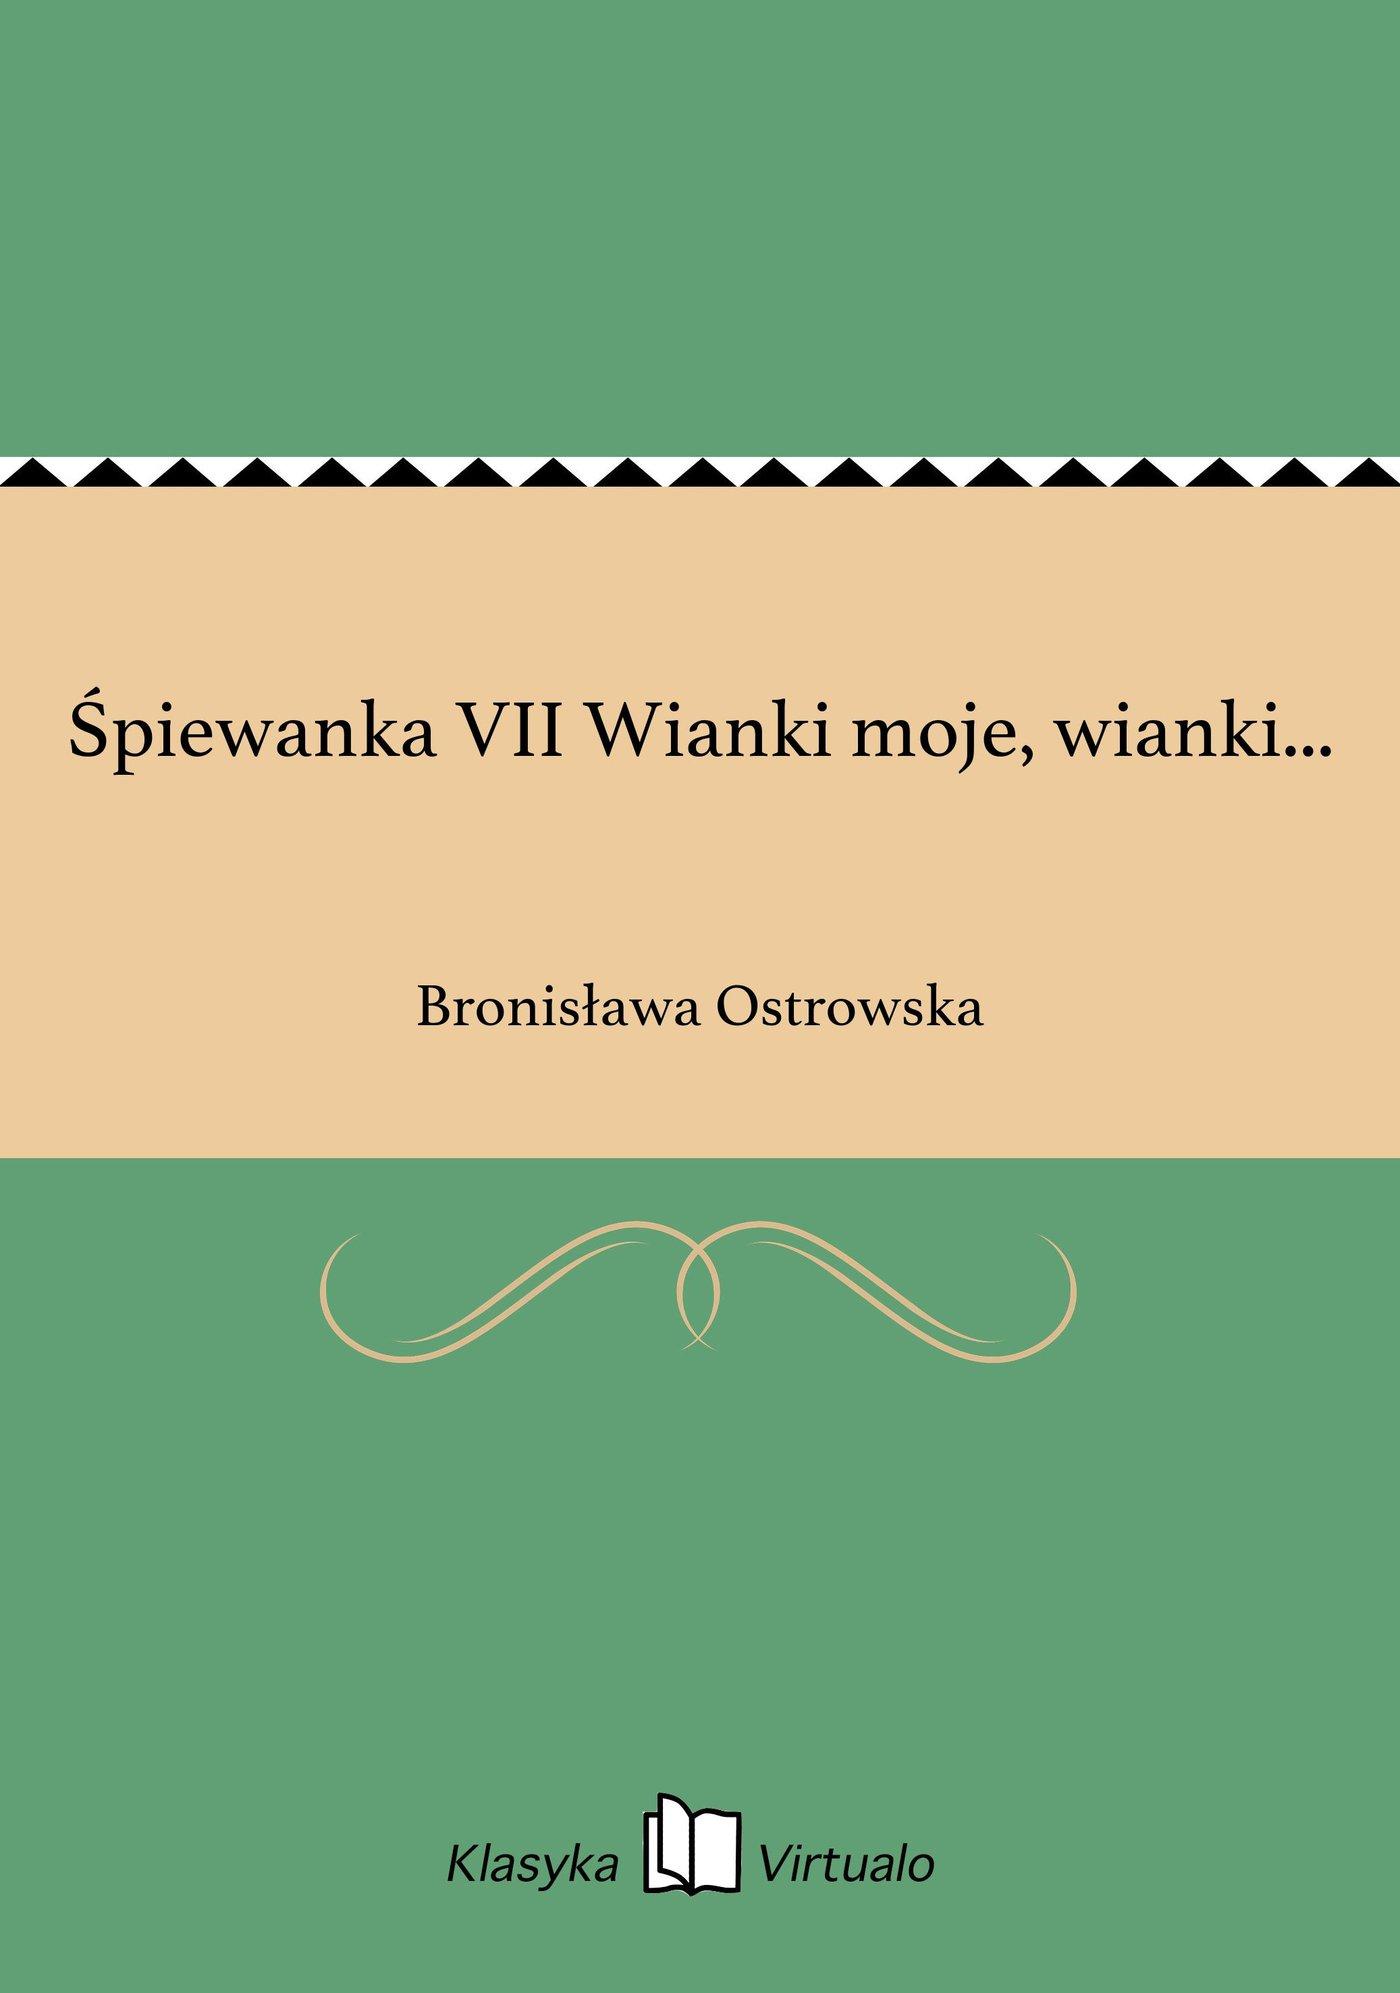 Śpiewanka VII Wianki moje, wianki... - Ebook (Książka EPUB) do pobrania w formacie EPUB